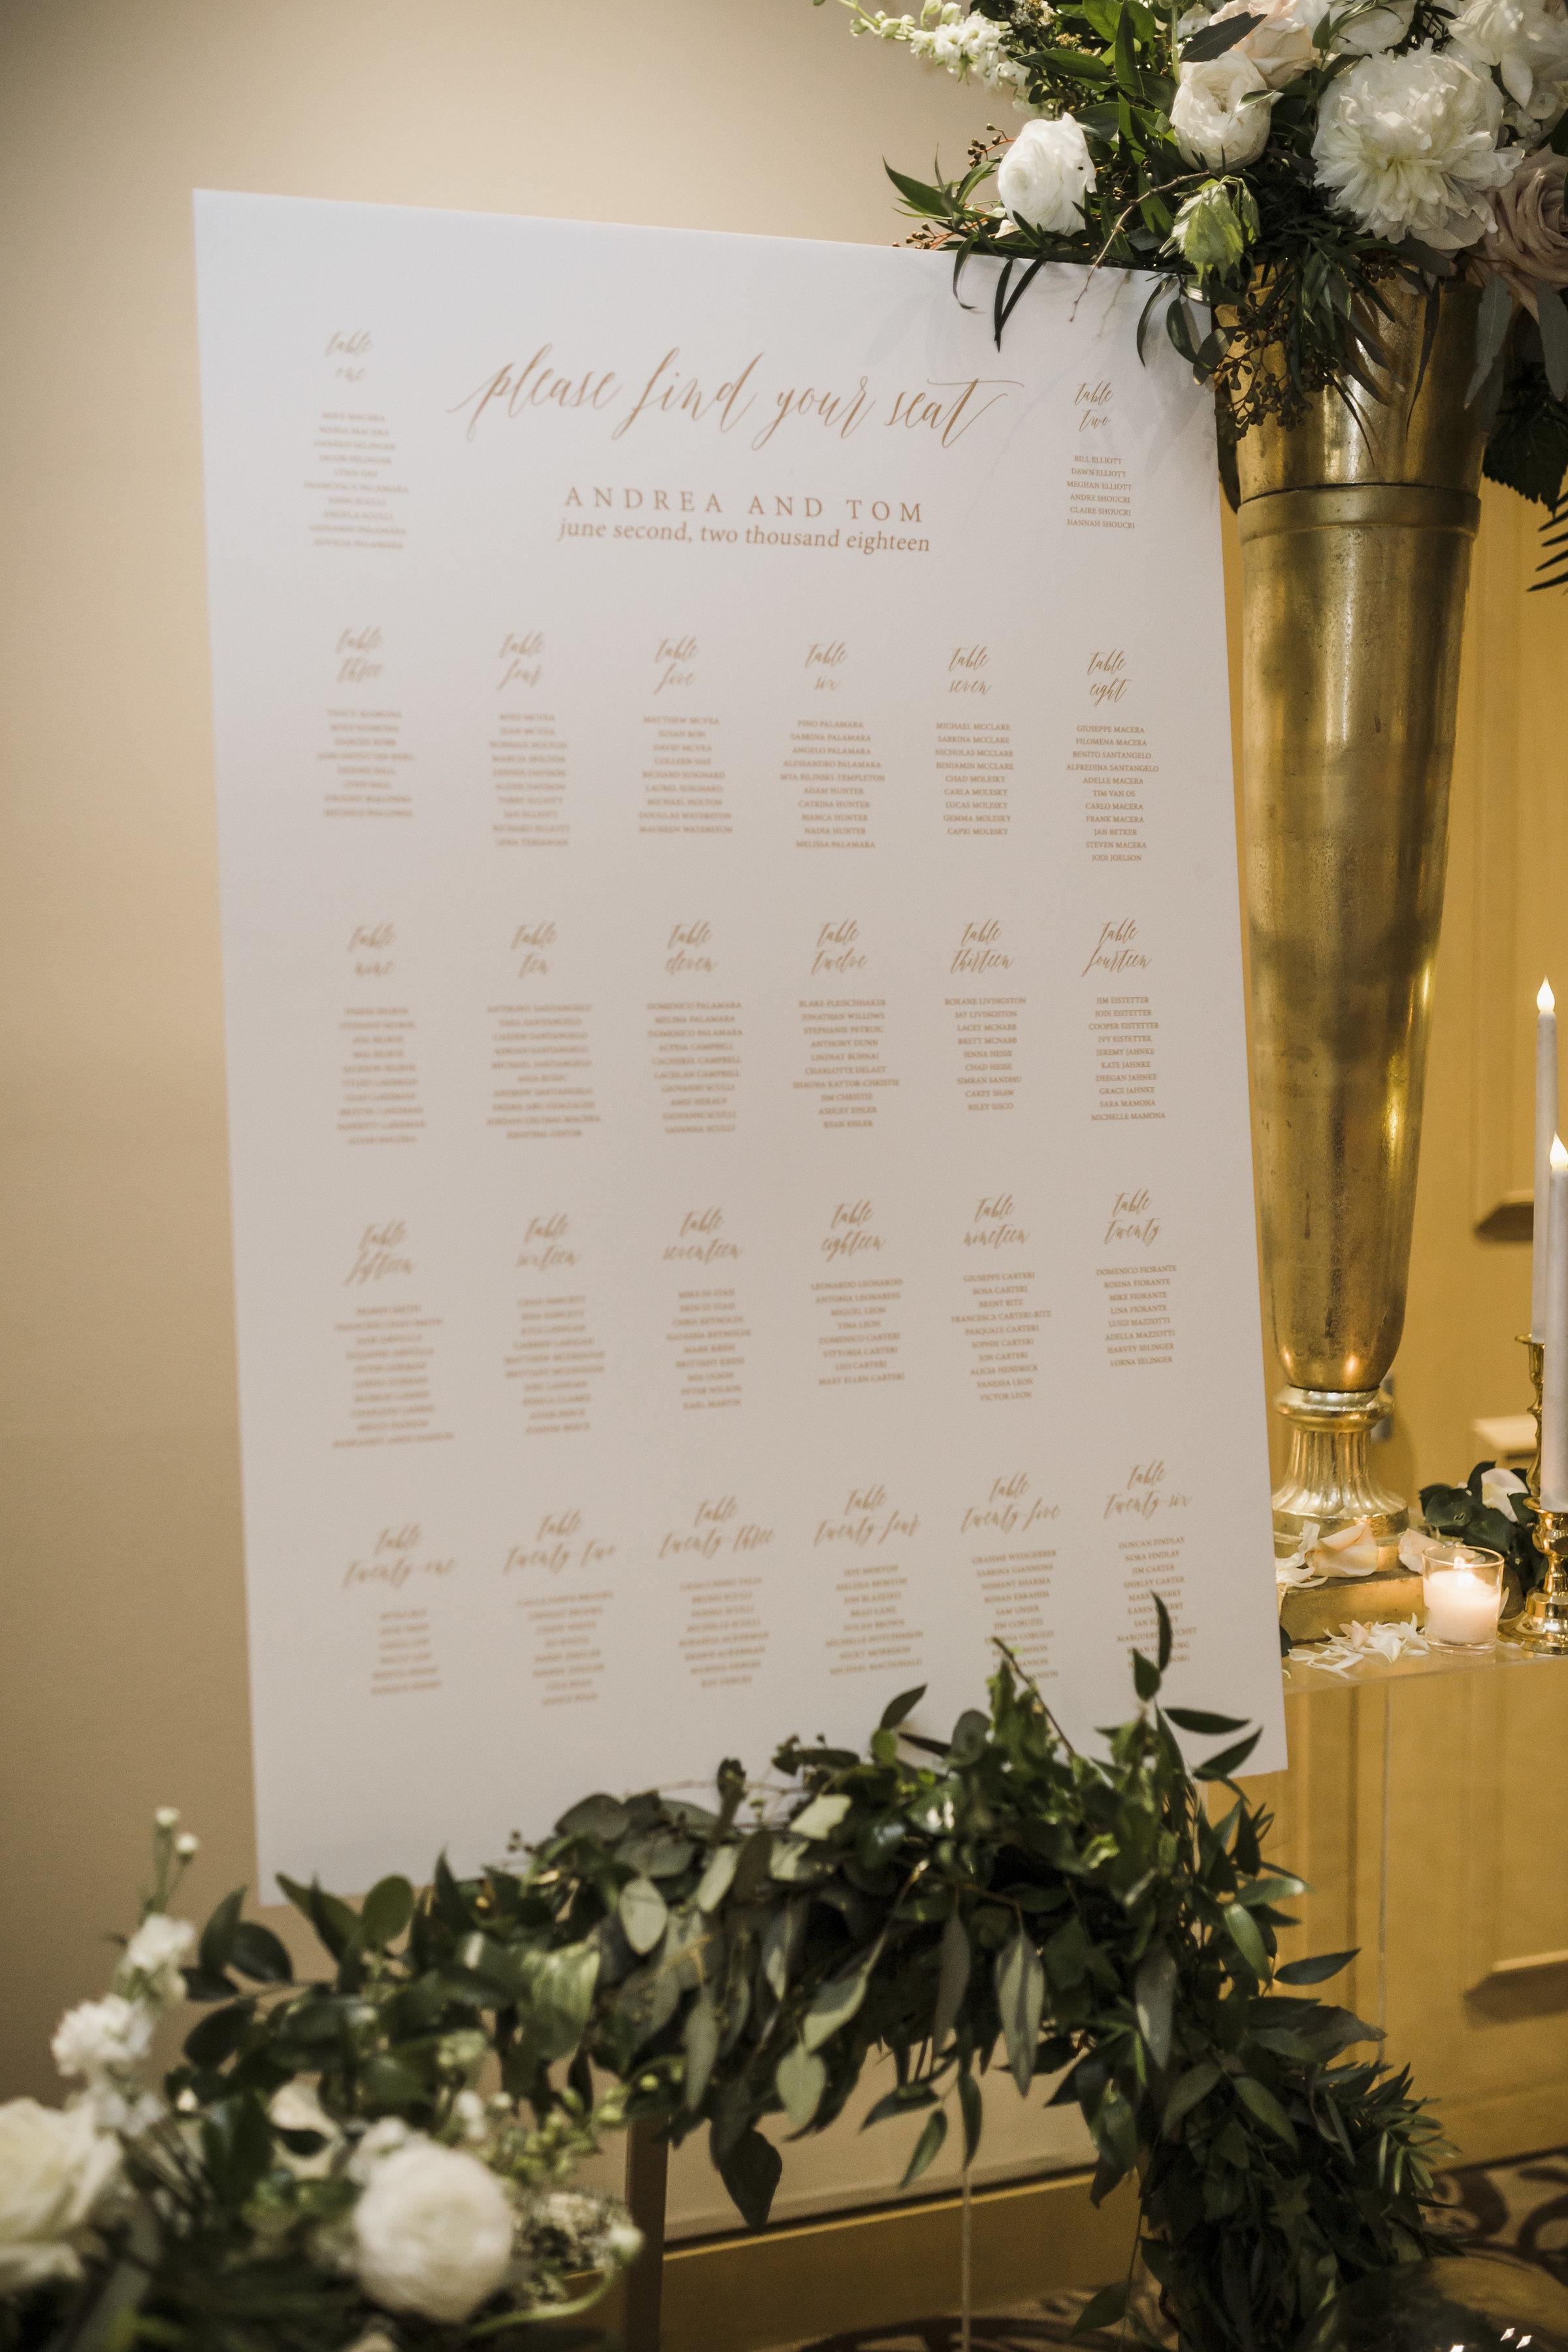 AndreaTom_wedding_finals_466.jpg